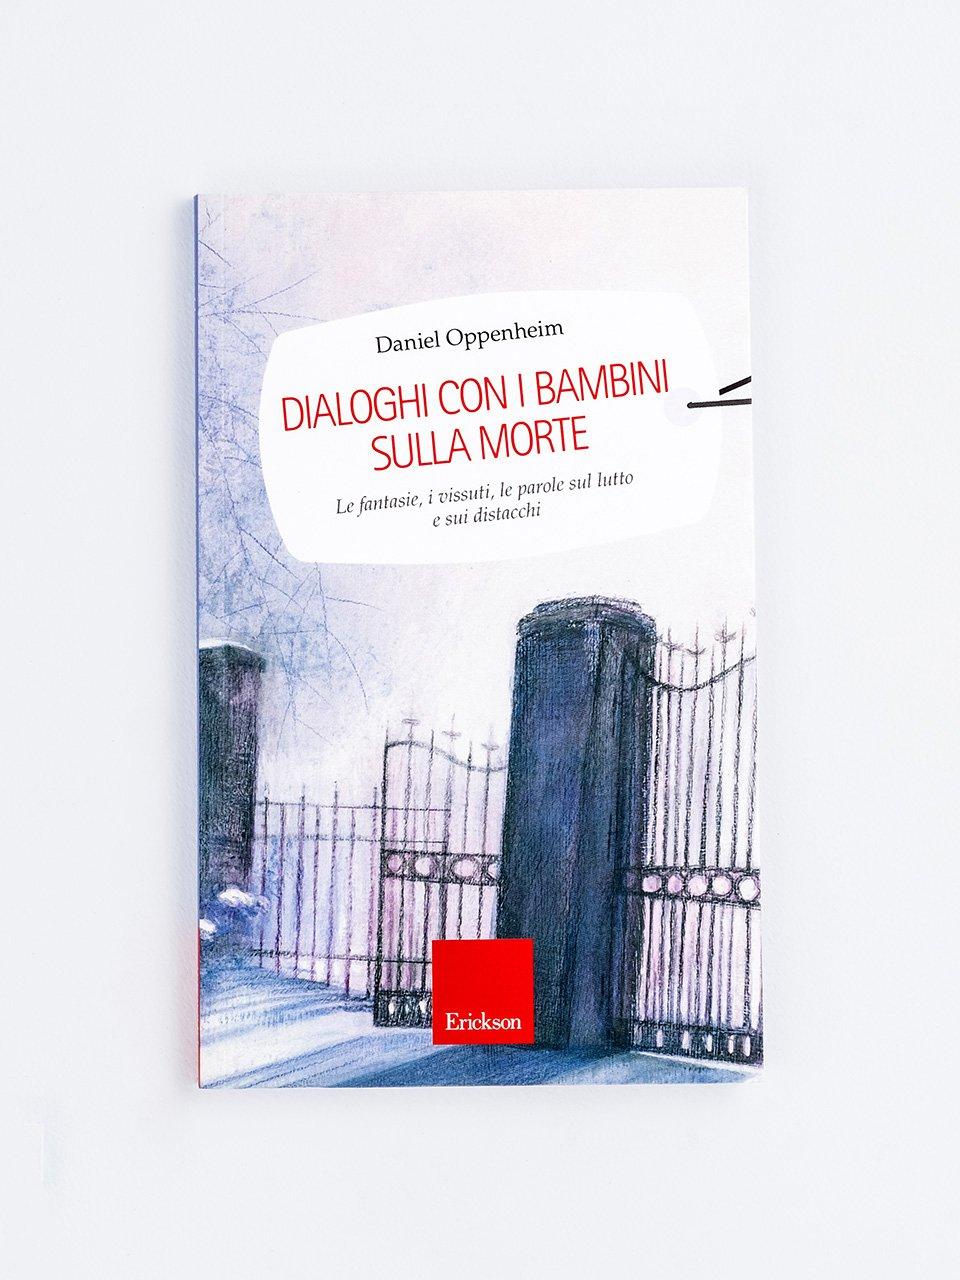 Dialoghi con i bambini sulla morte - Superare il lutto - Libri - Erickson